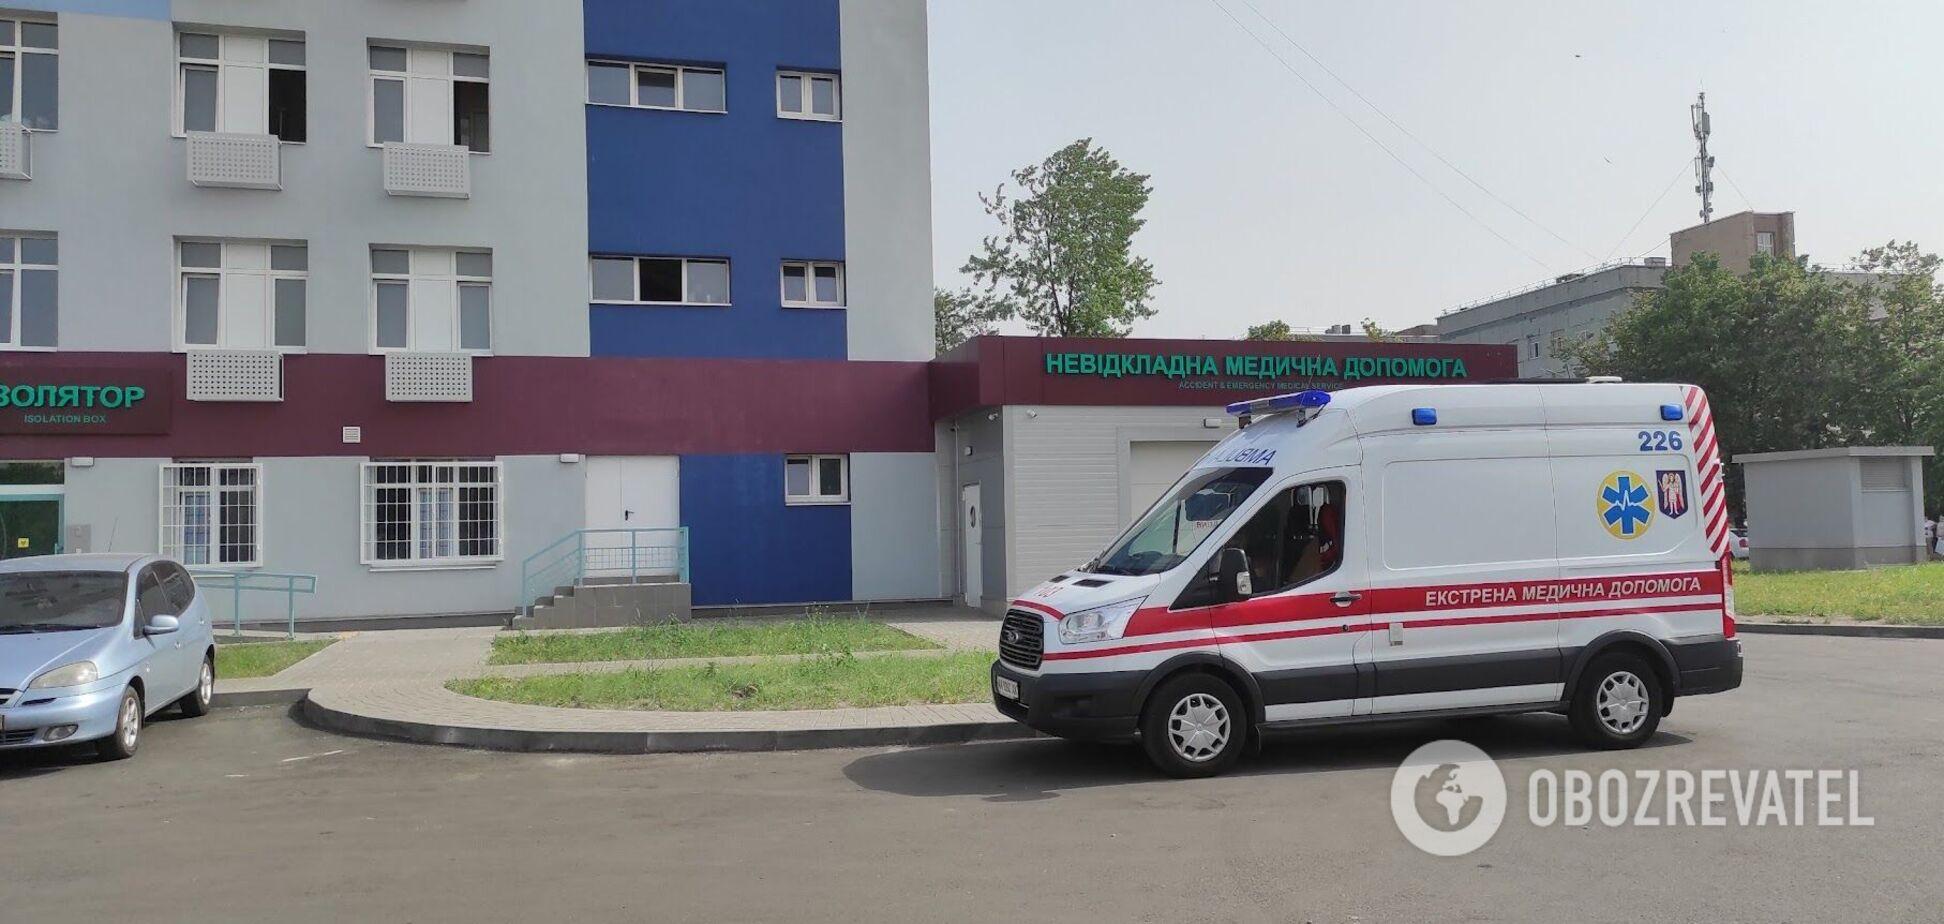 Пацієнтка розповіла про ситуацію з хворими на COVID-19 в столичній лікарні